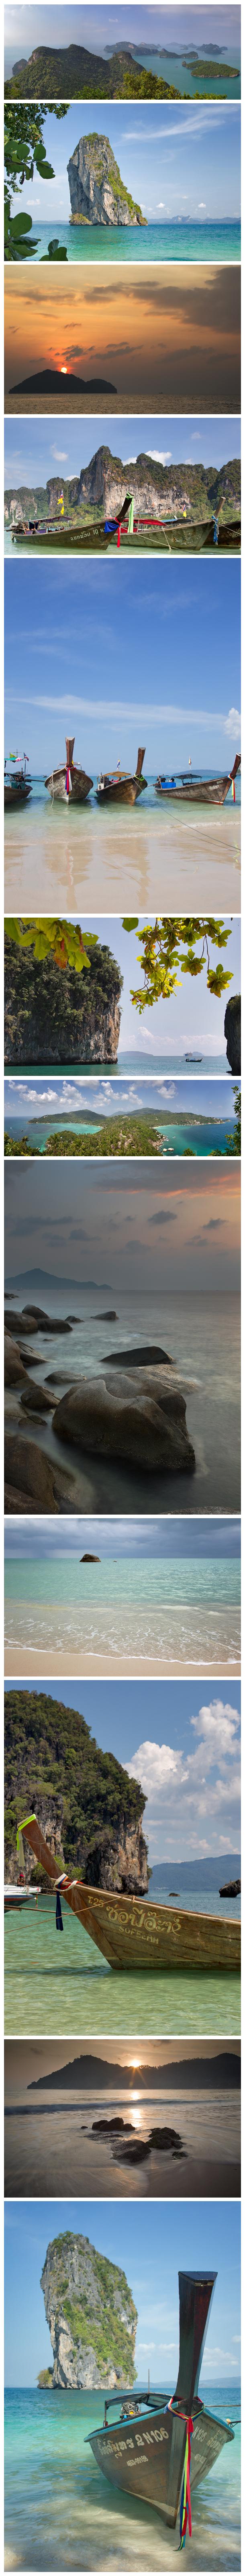 ThailandPt1Blog